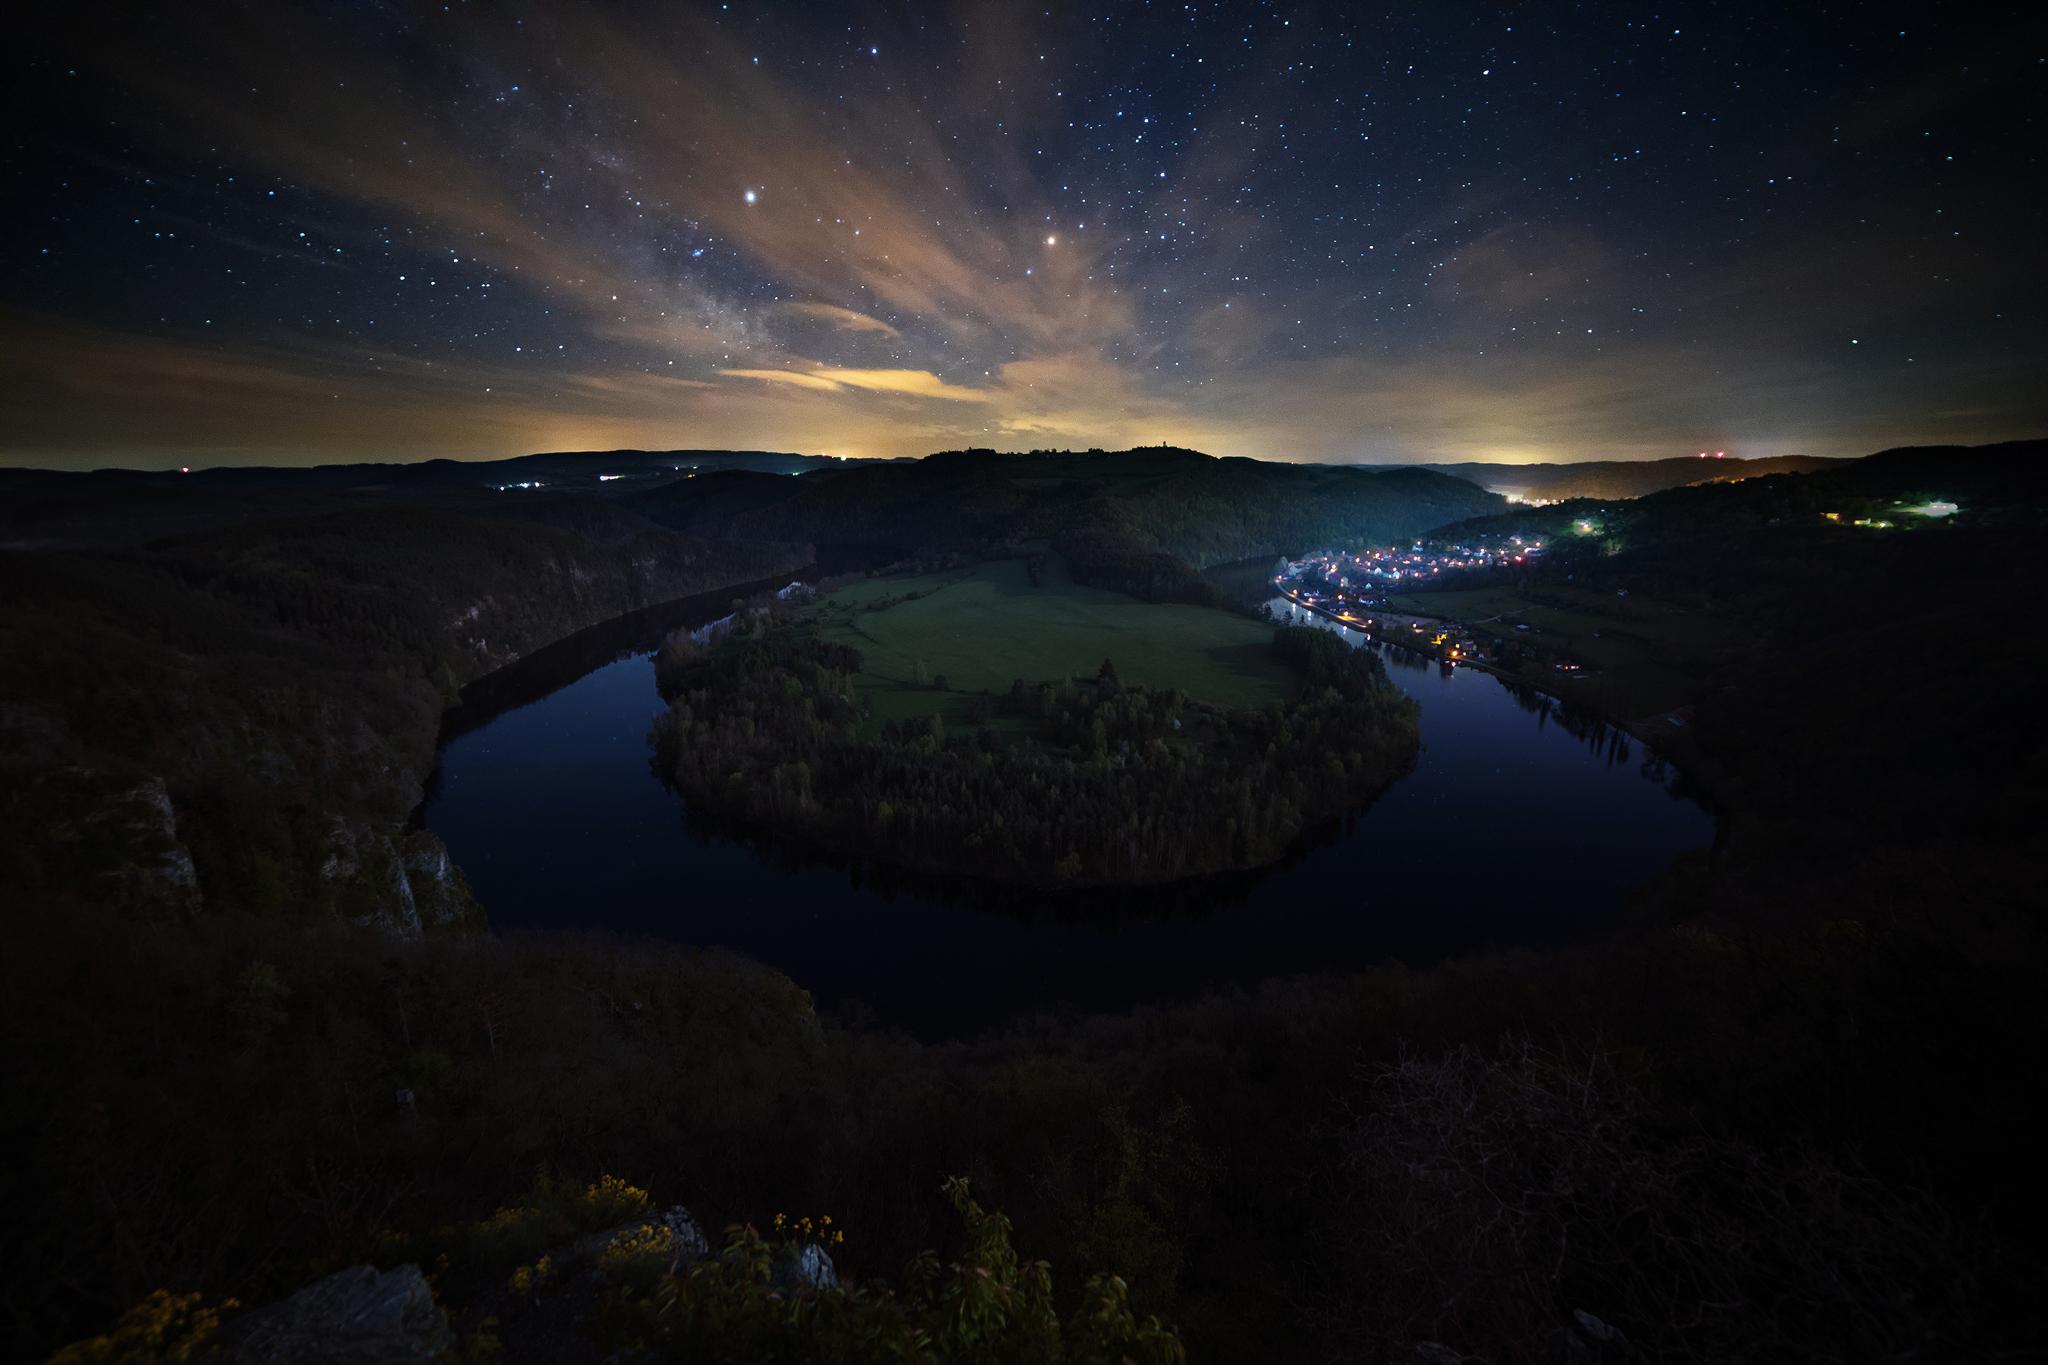 Podkova-Noc.jpg